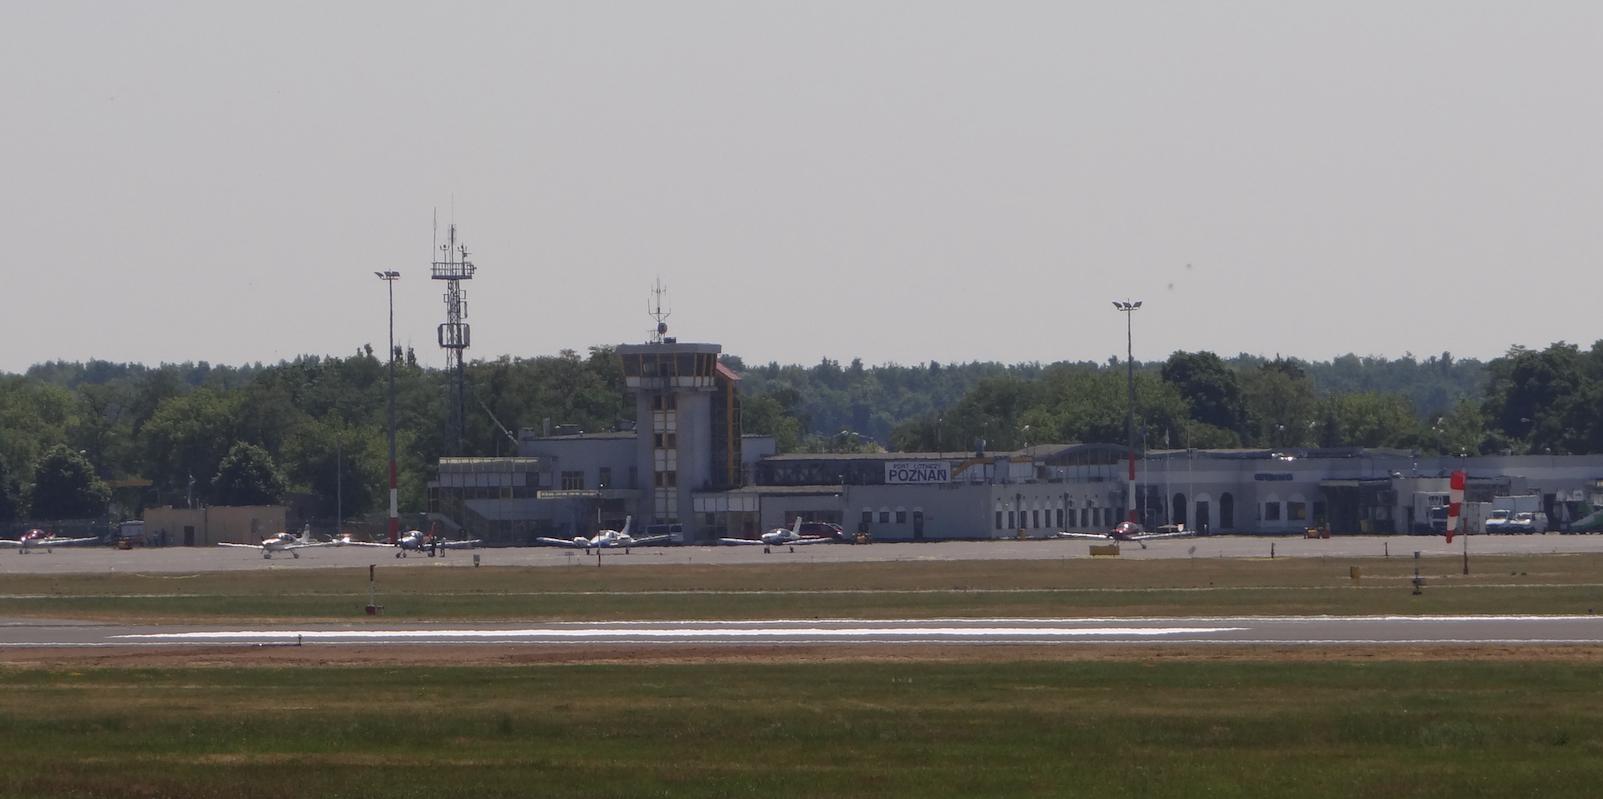 Dawny dworzec i wieża kontroli lotów. Lotniska Ławica. 2015 rok. Zdjęcie Karol Placha Hetman